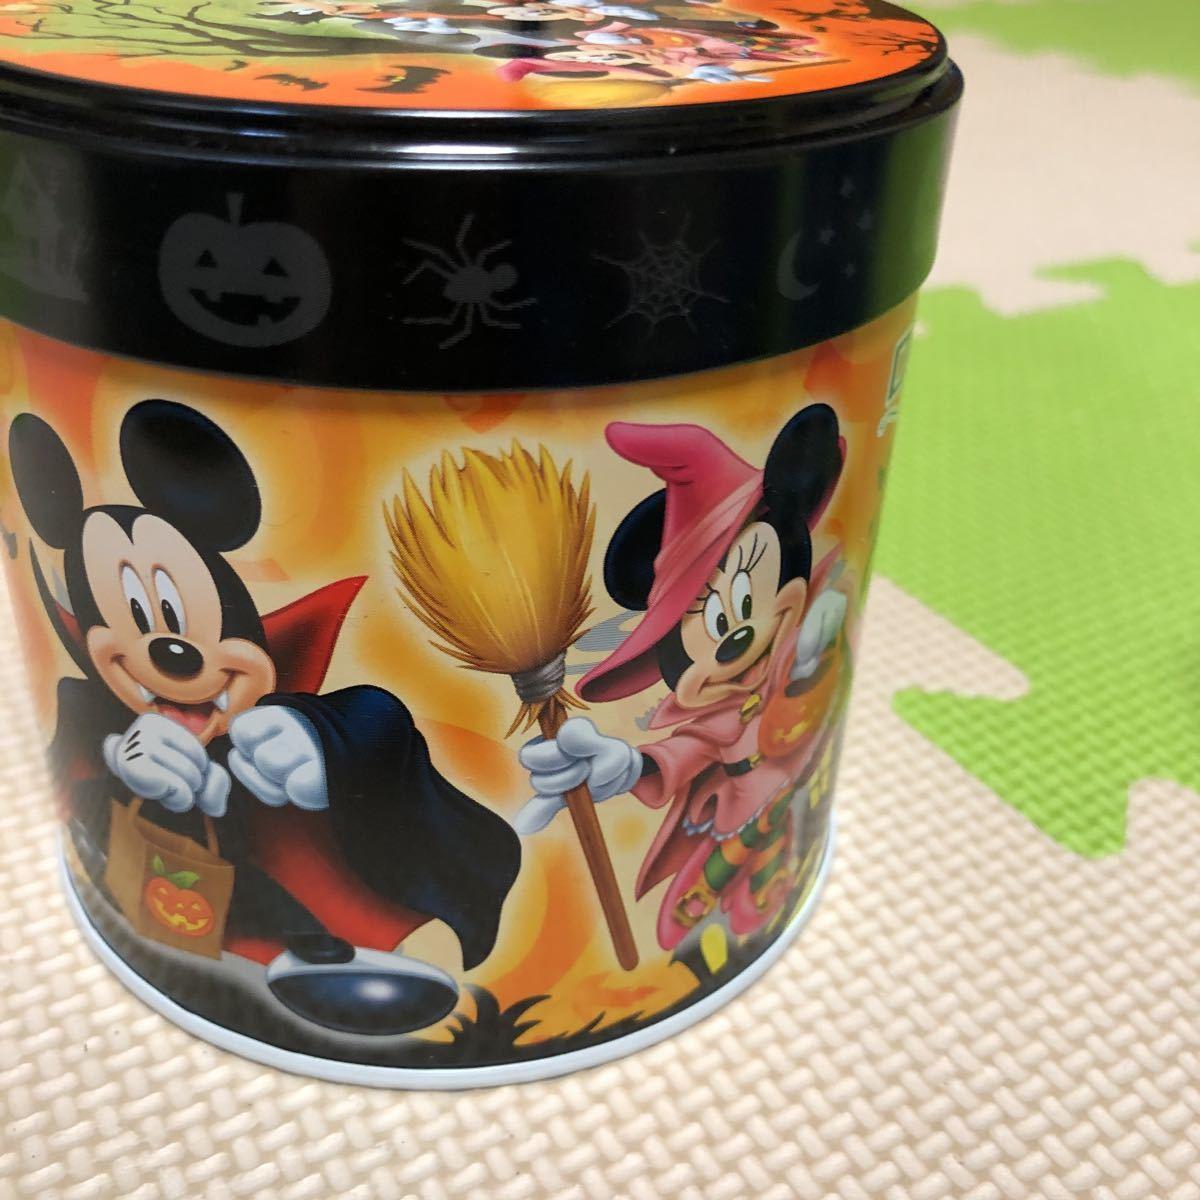 ディズニー★ディズニーリゾート お菓子缶3点&他お菓子缶1点_画像7